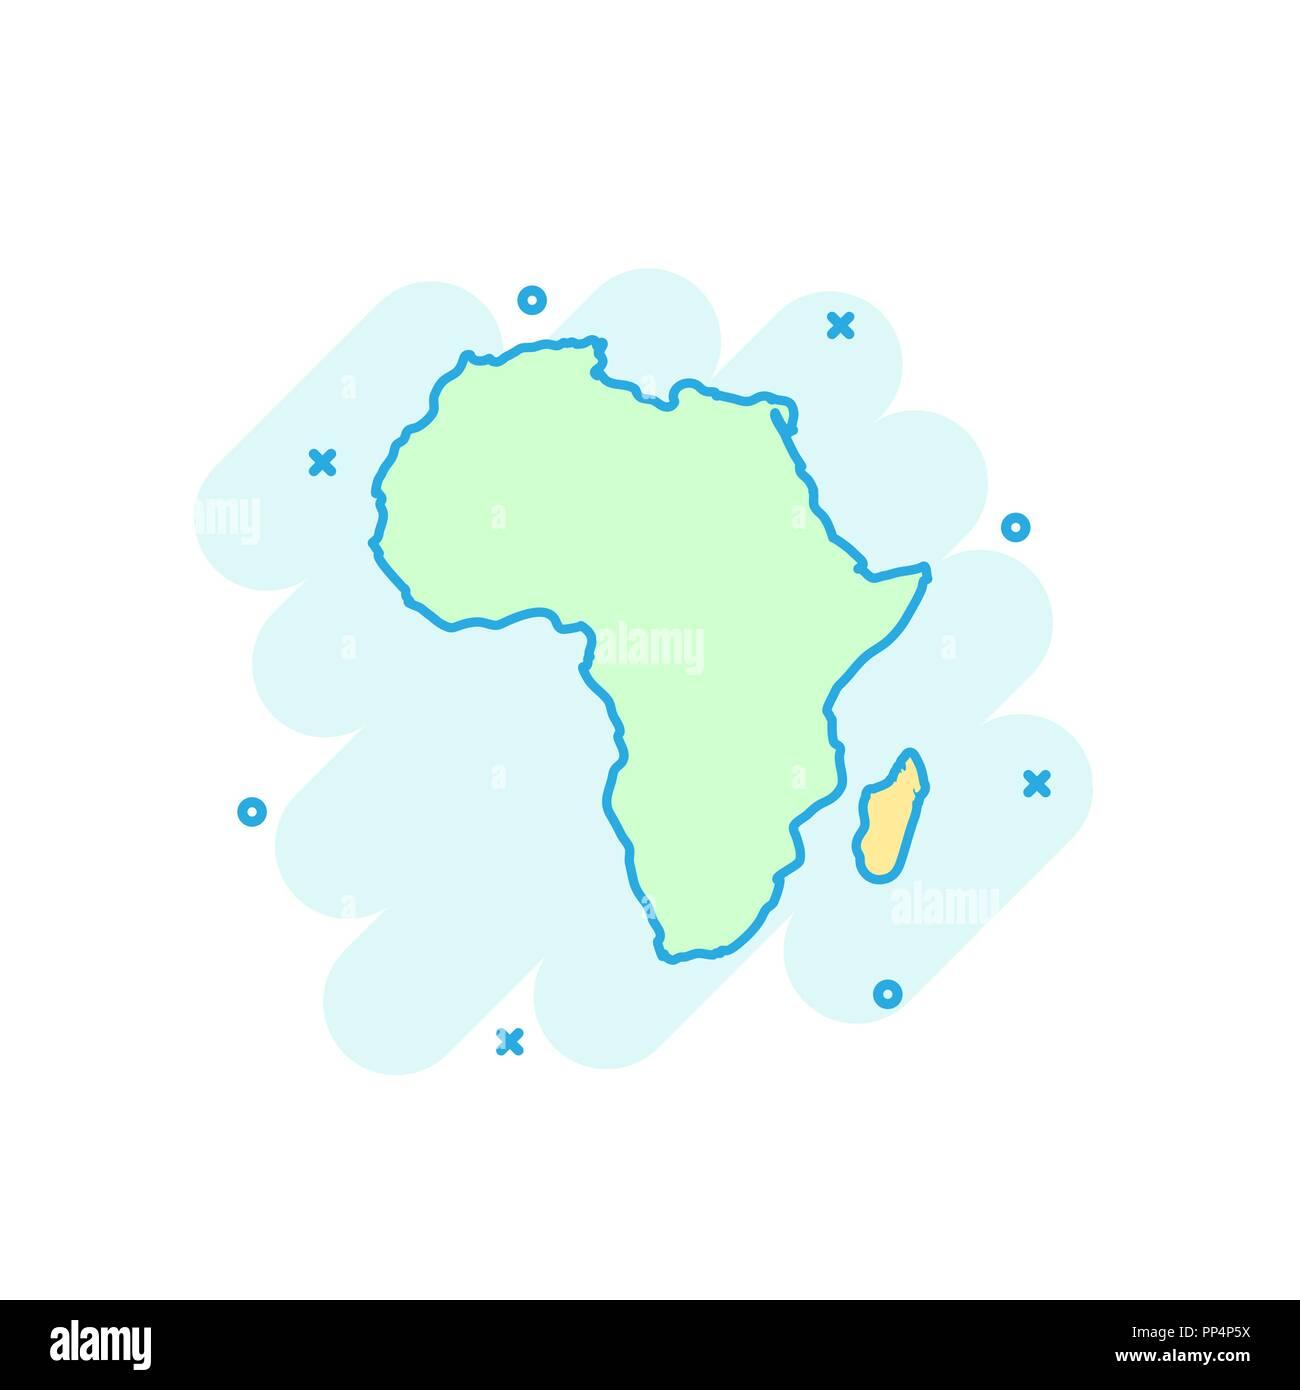 Africa Map Cartoon Stock Photos Africa Map Cartoon Stock Images